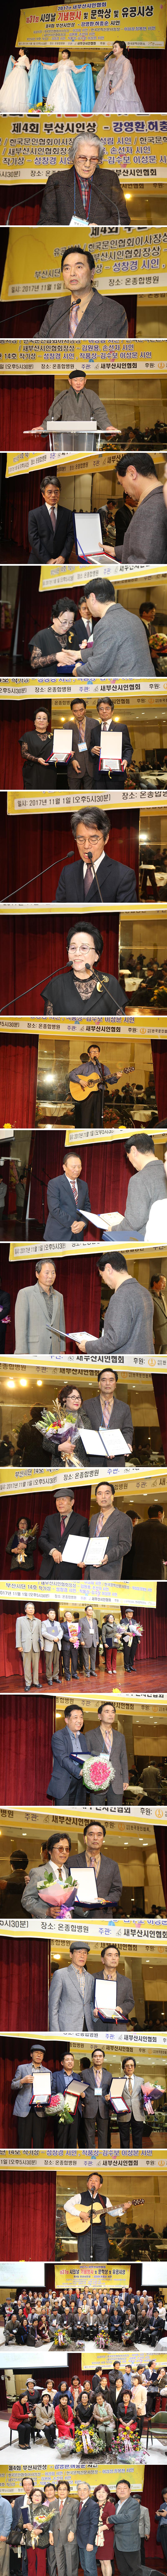 새부산시인협회_시의날02.jpg